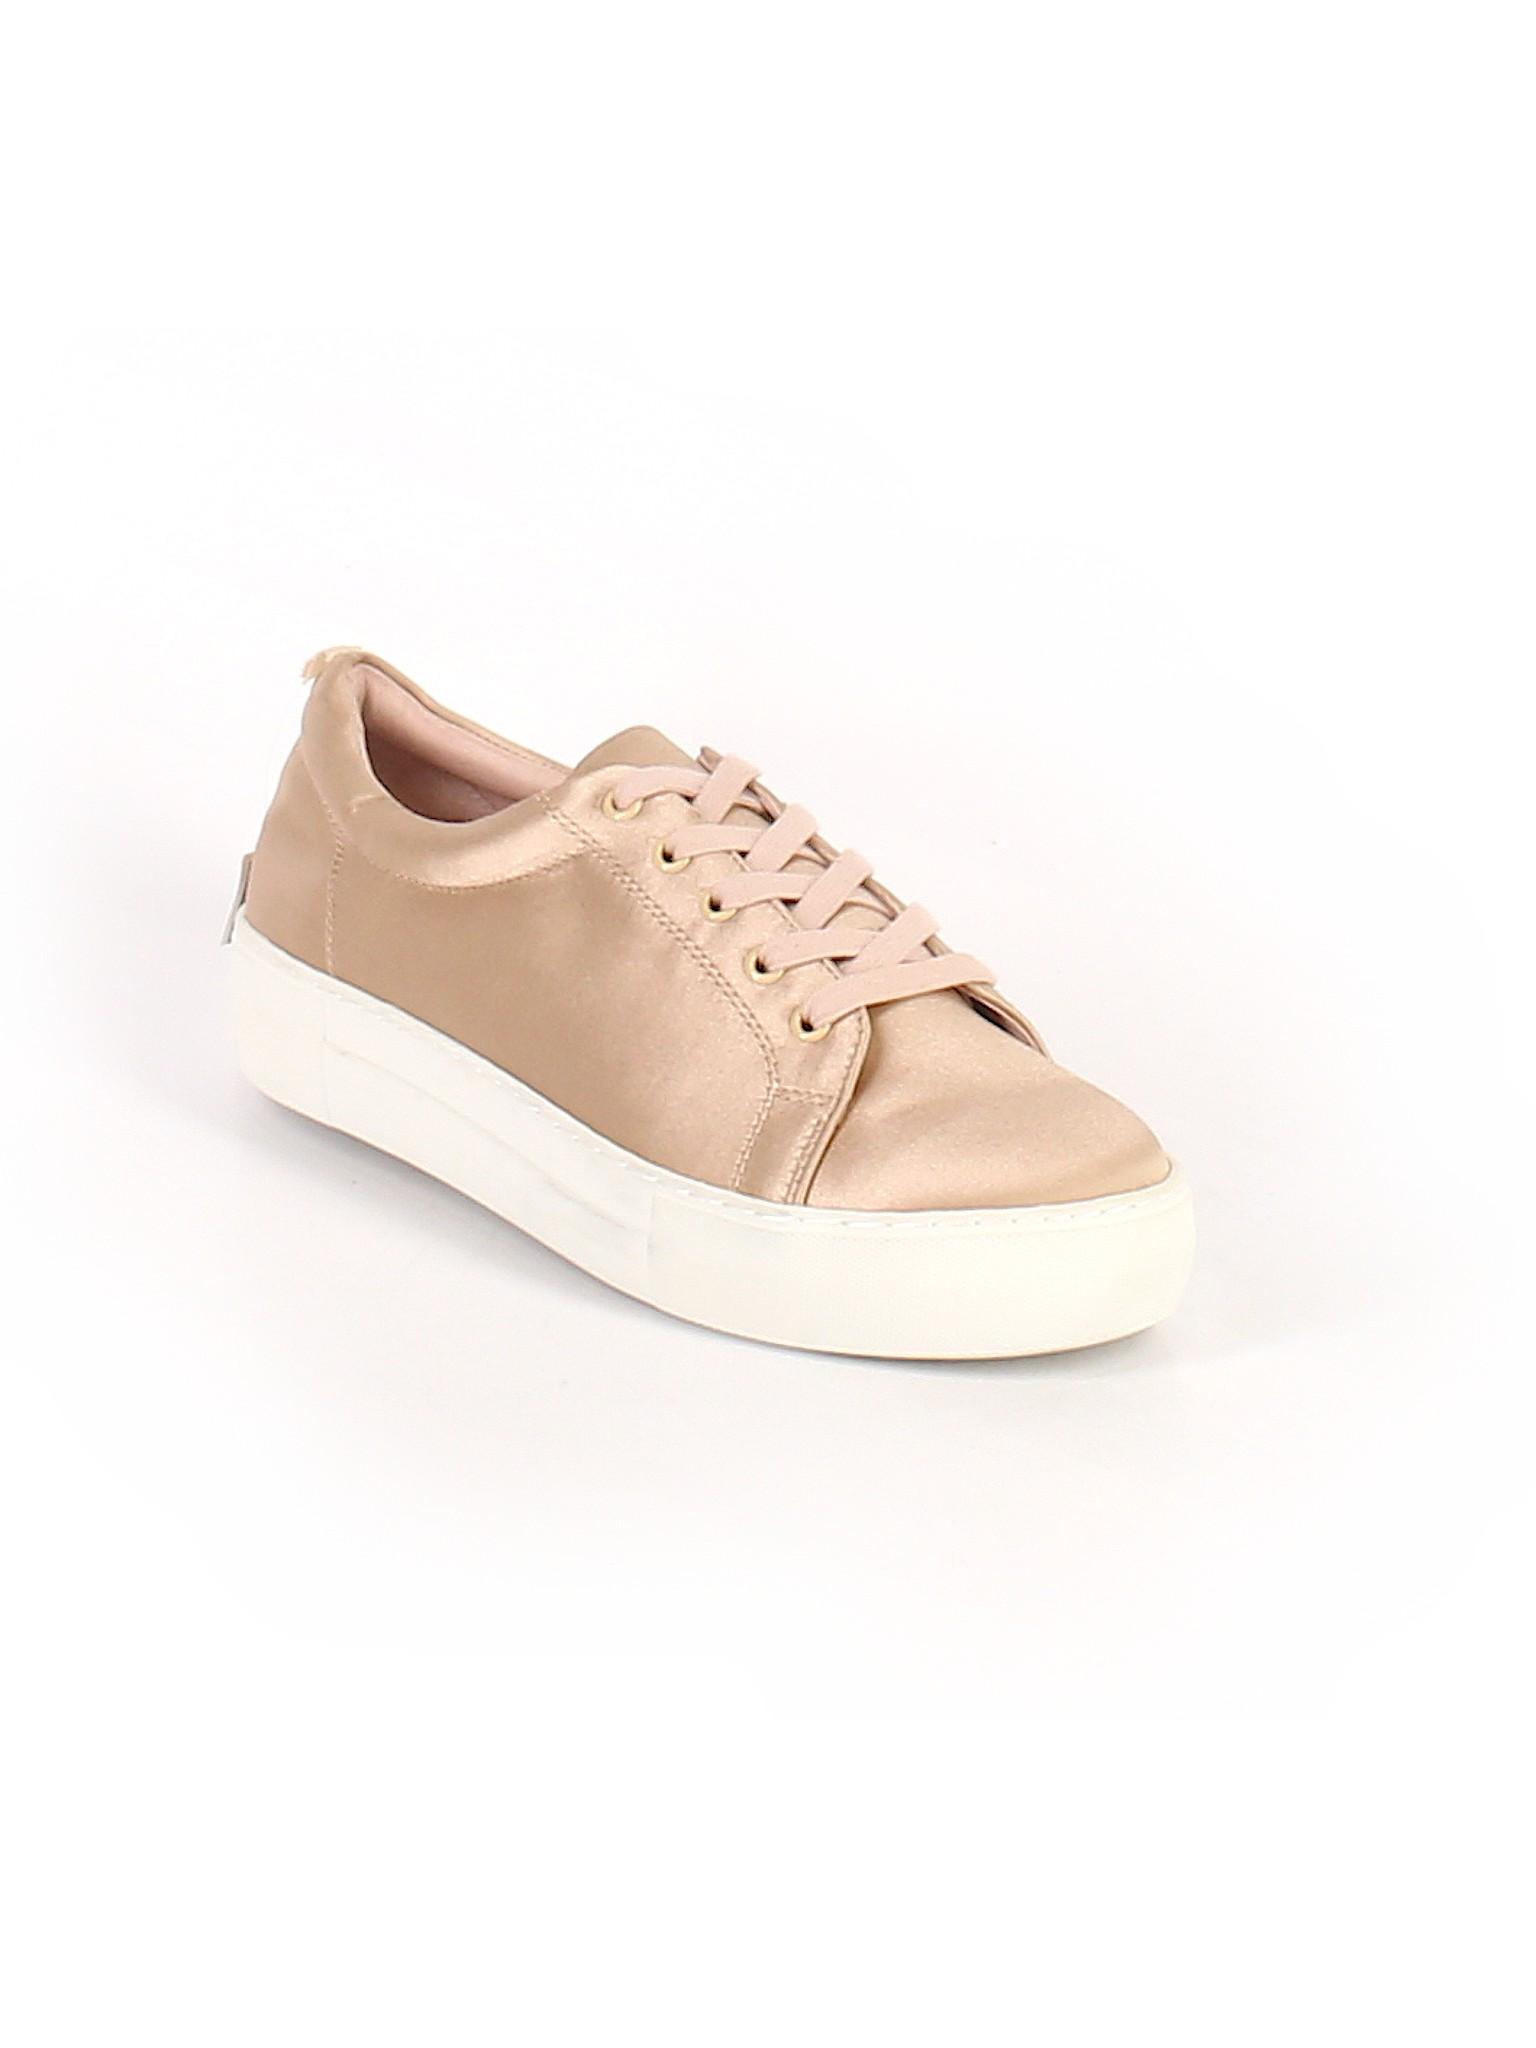 Sneakers Boutique Boutique Sneakers J Slides J promotion Slides Slides Boutique promotion J promotion nw6U7wxZ